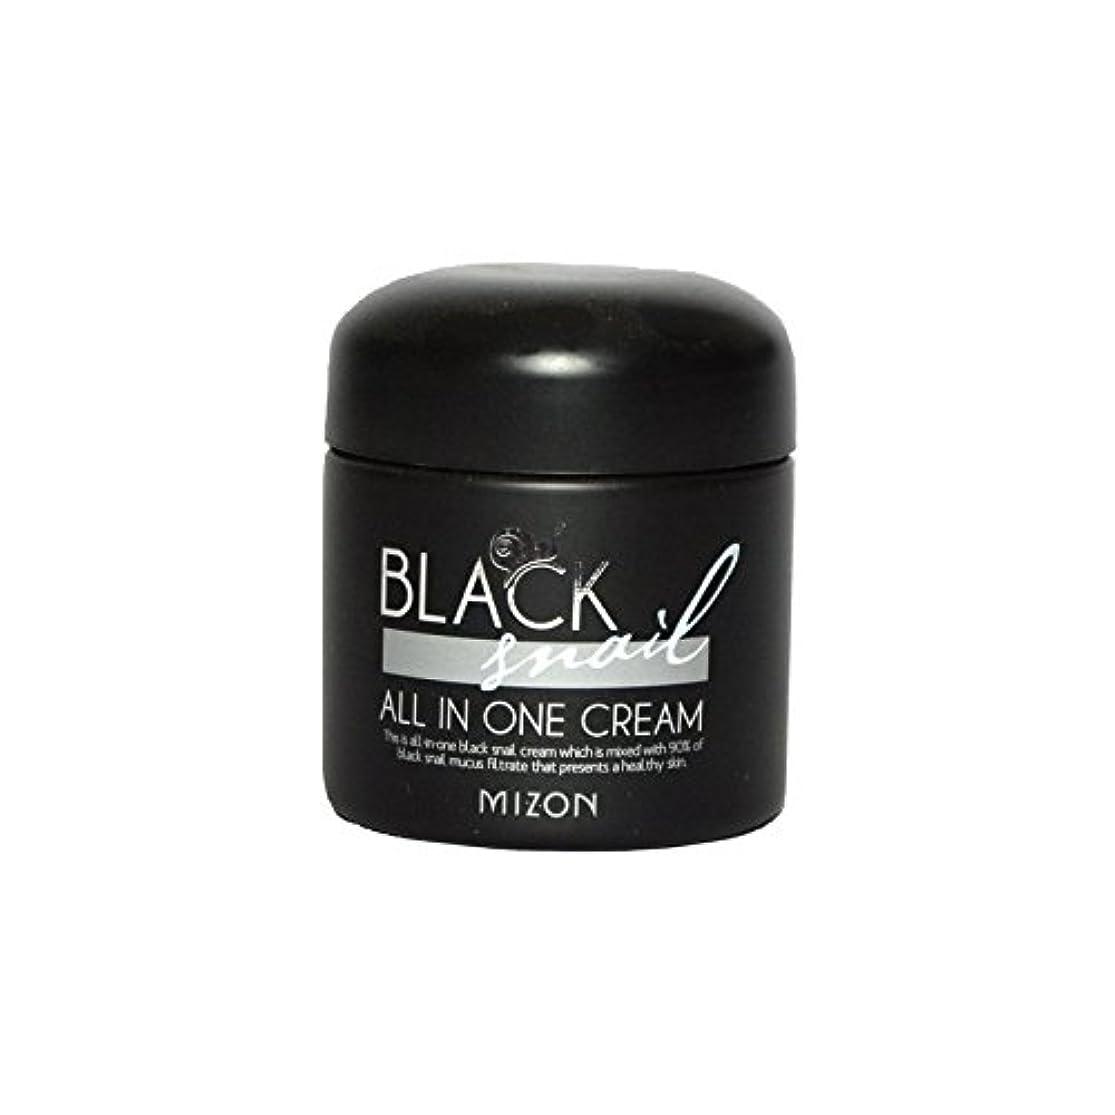 発表破産葬儀Mizon Black Snail All in One Cream - 黒カタツムリオールインワンクリーム [並行輸入品]